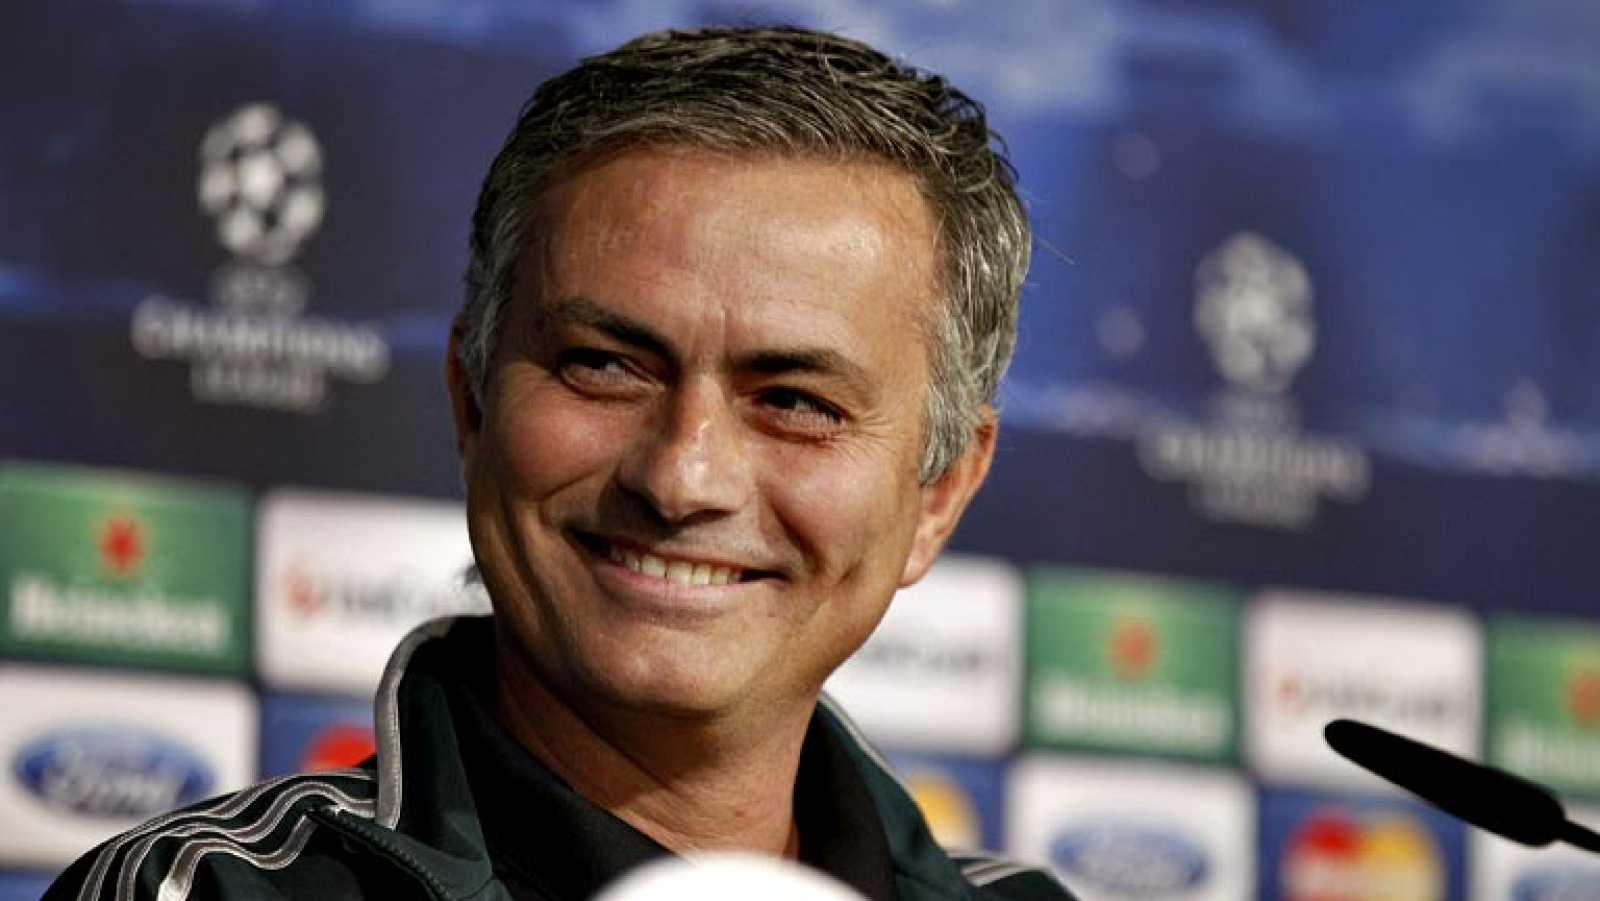 #BlancoYEnBotella: Jose Mourinho y los fantasmas del pasado.